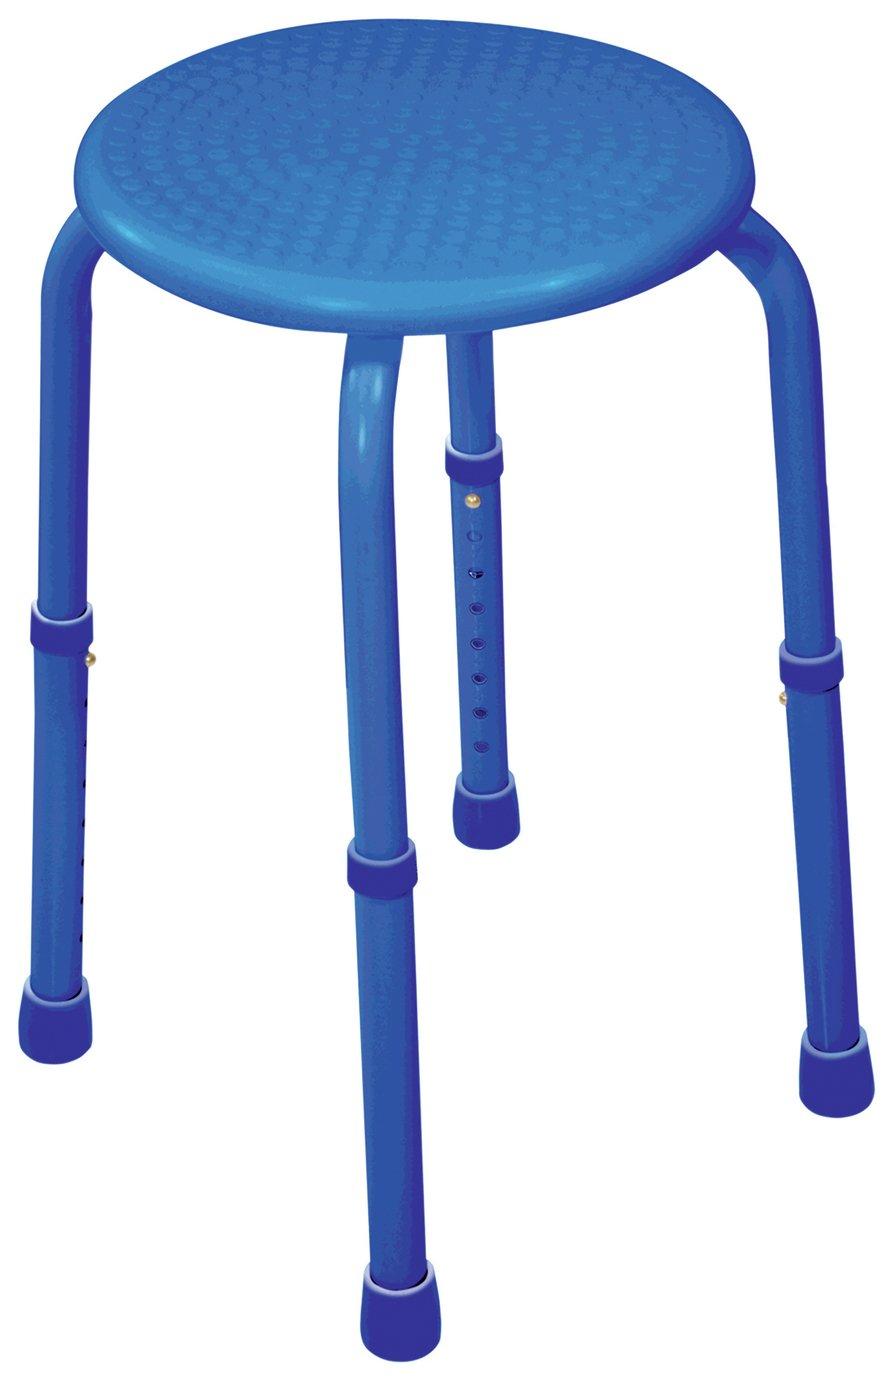 Aidapt Multipurpose Adjust Stool - Blue